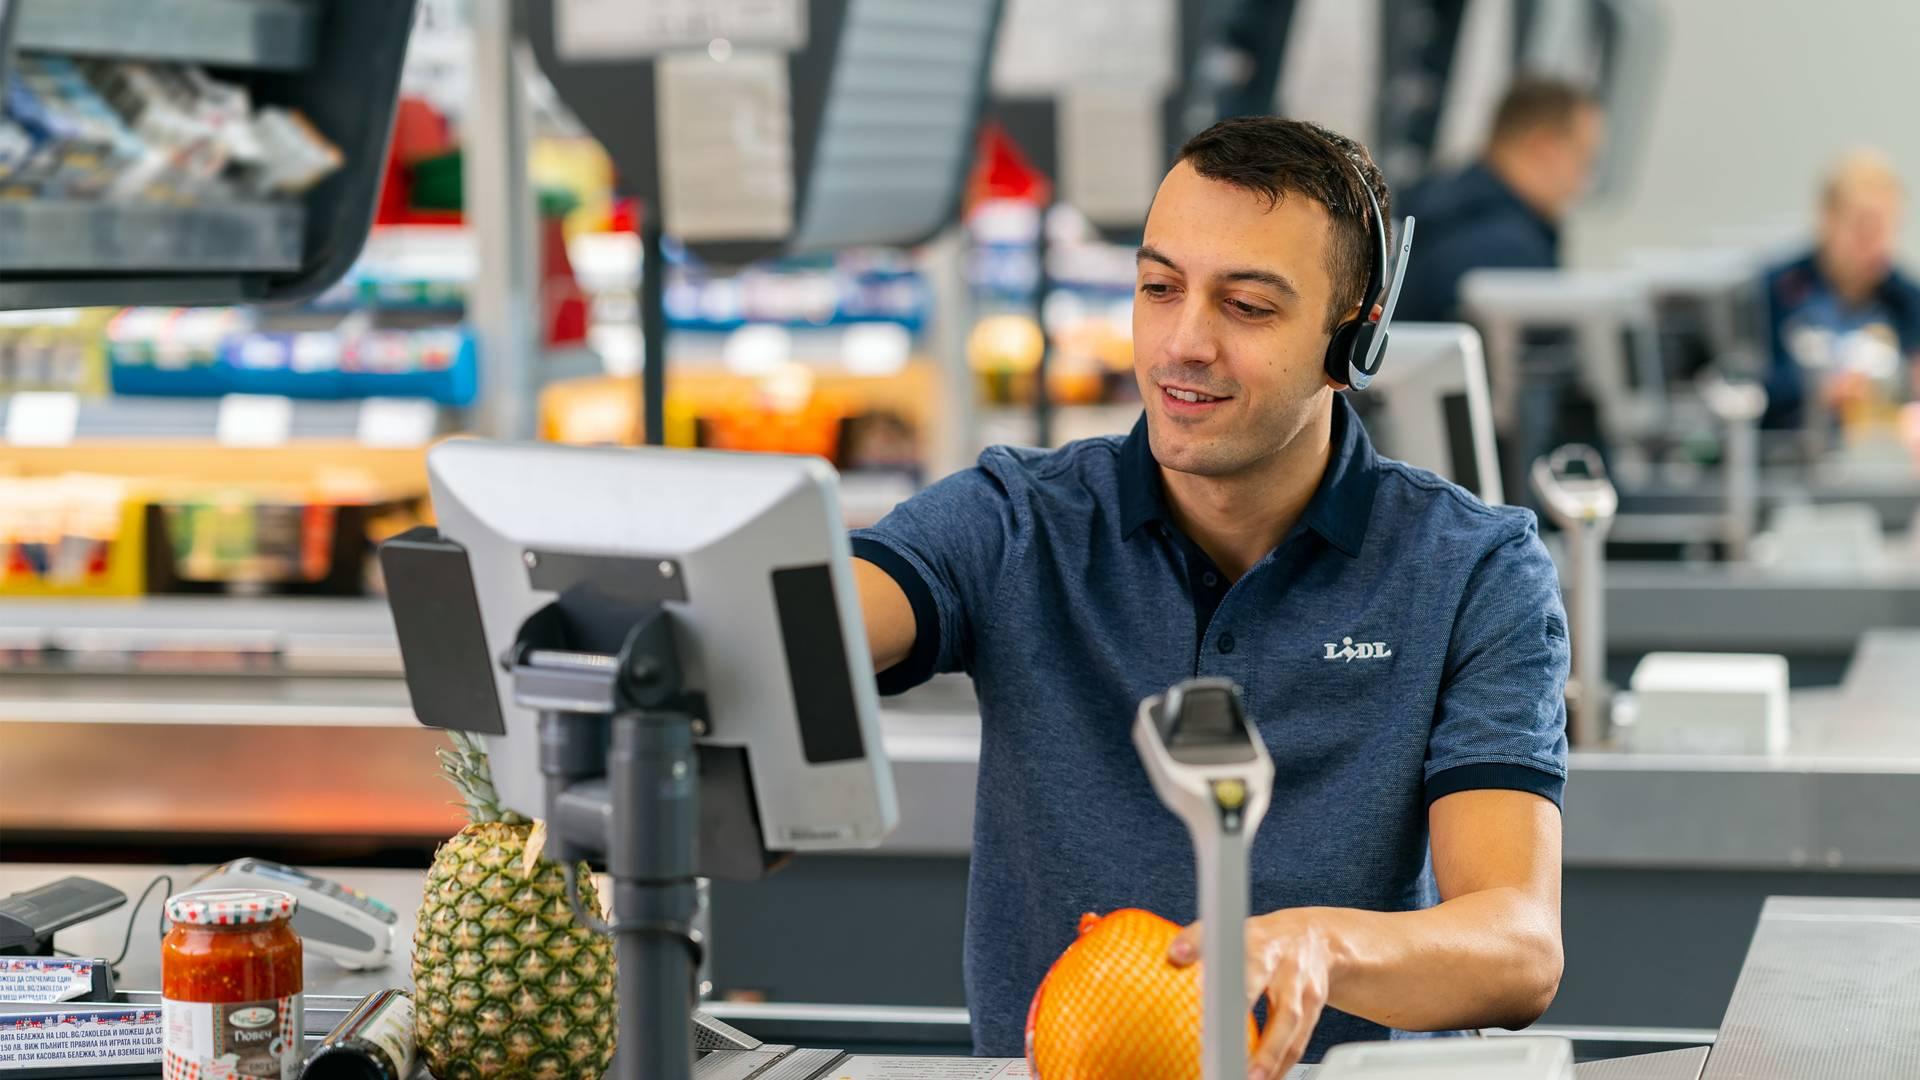 Касиер продавач маркира плодове на каса